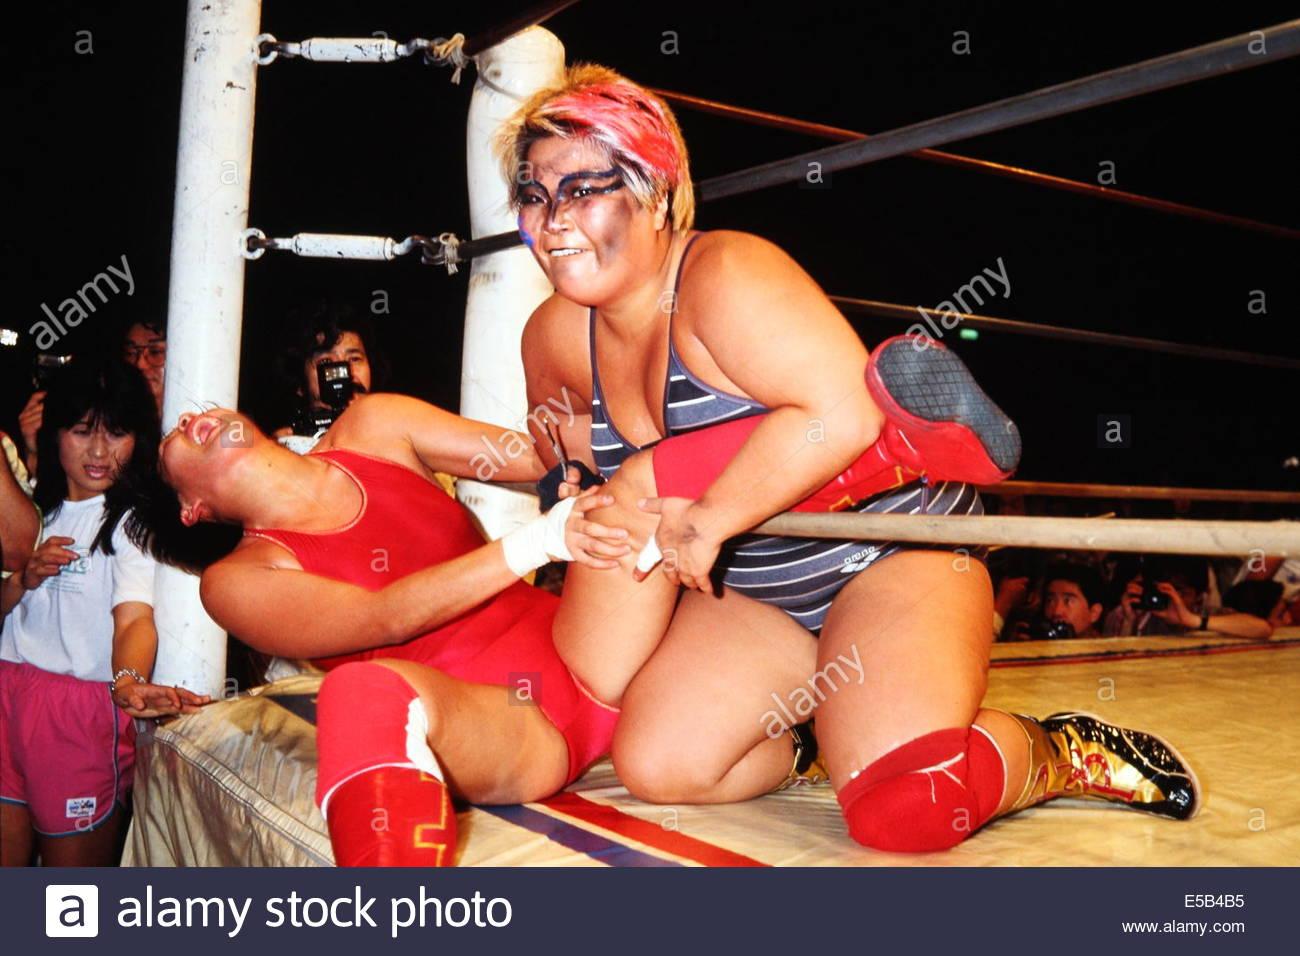 Dump Matsumoto, JUNE 25, 1985 - Pro-Wrestling : All Japan Women's